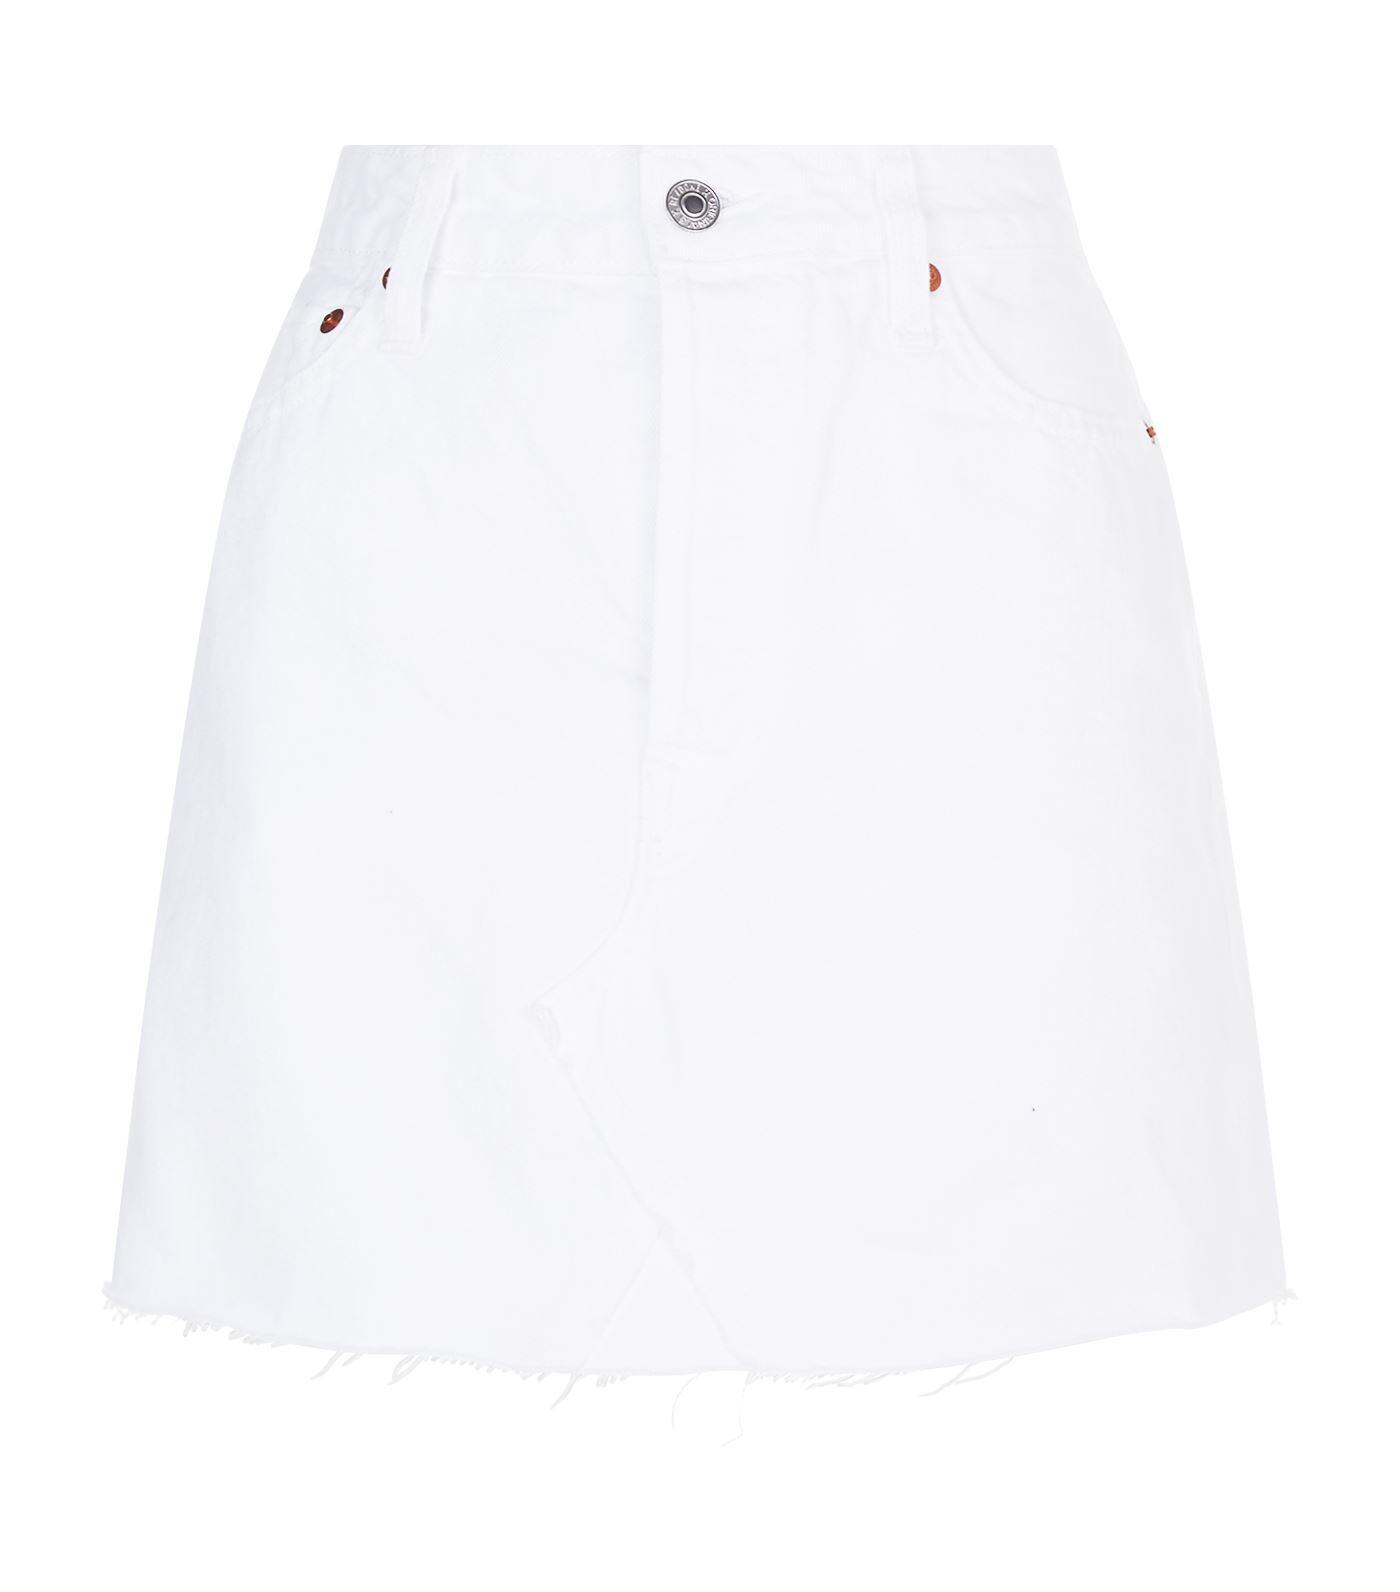 jean lyst Mini blanc jupe refaite en en OSccHq4F